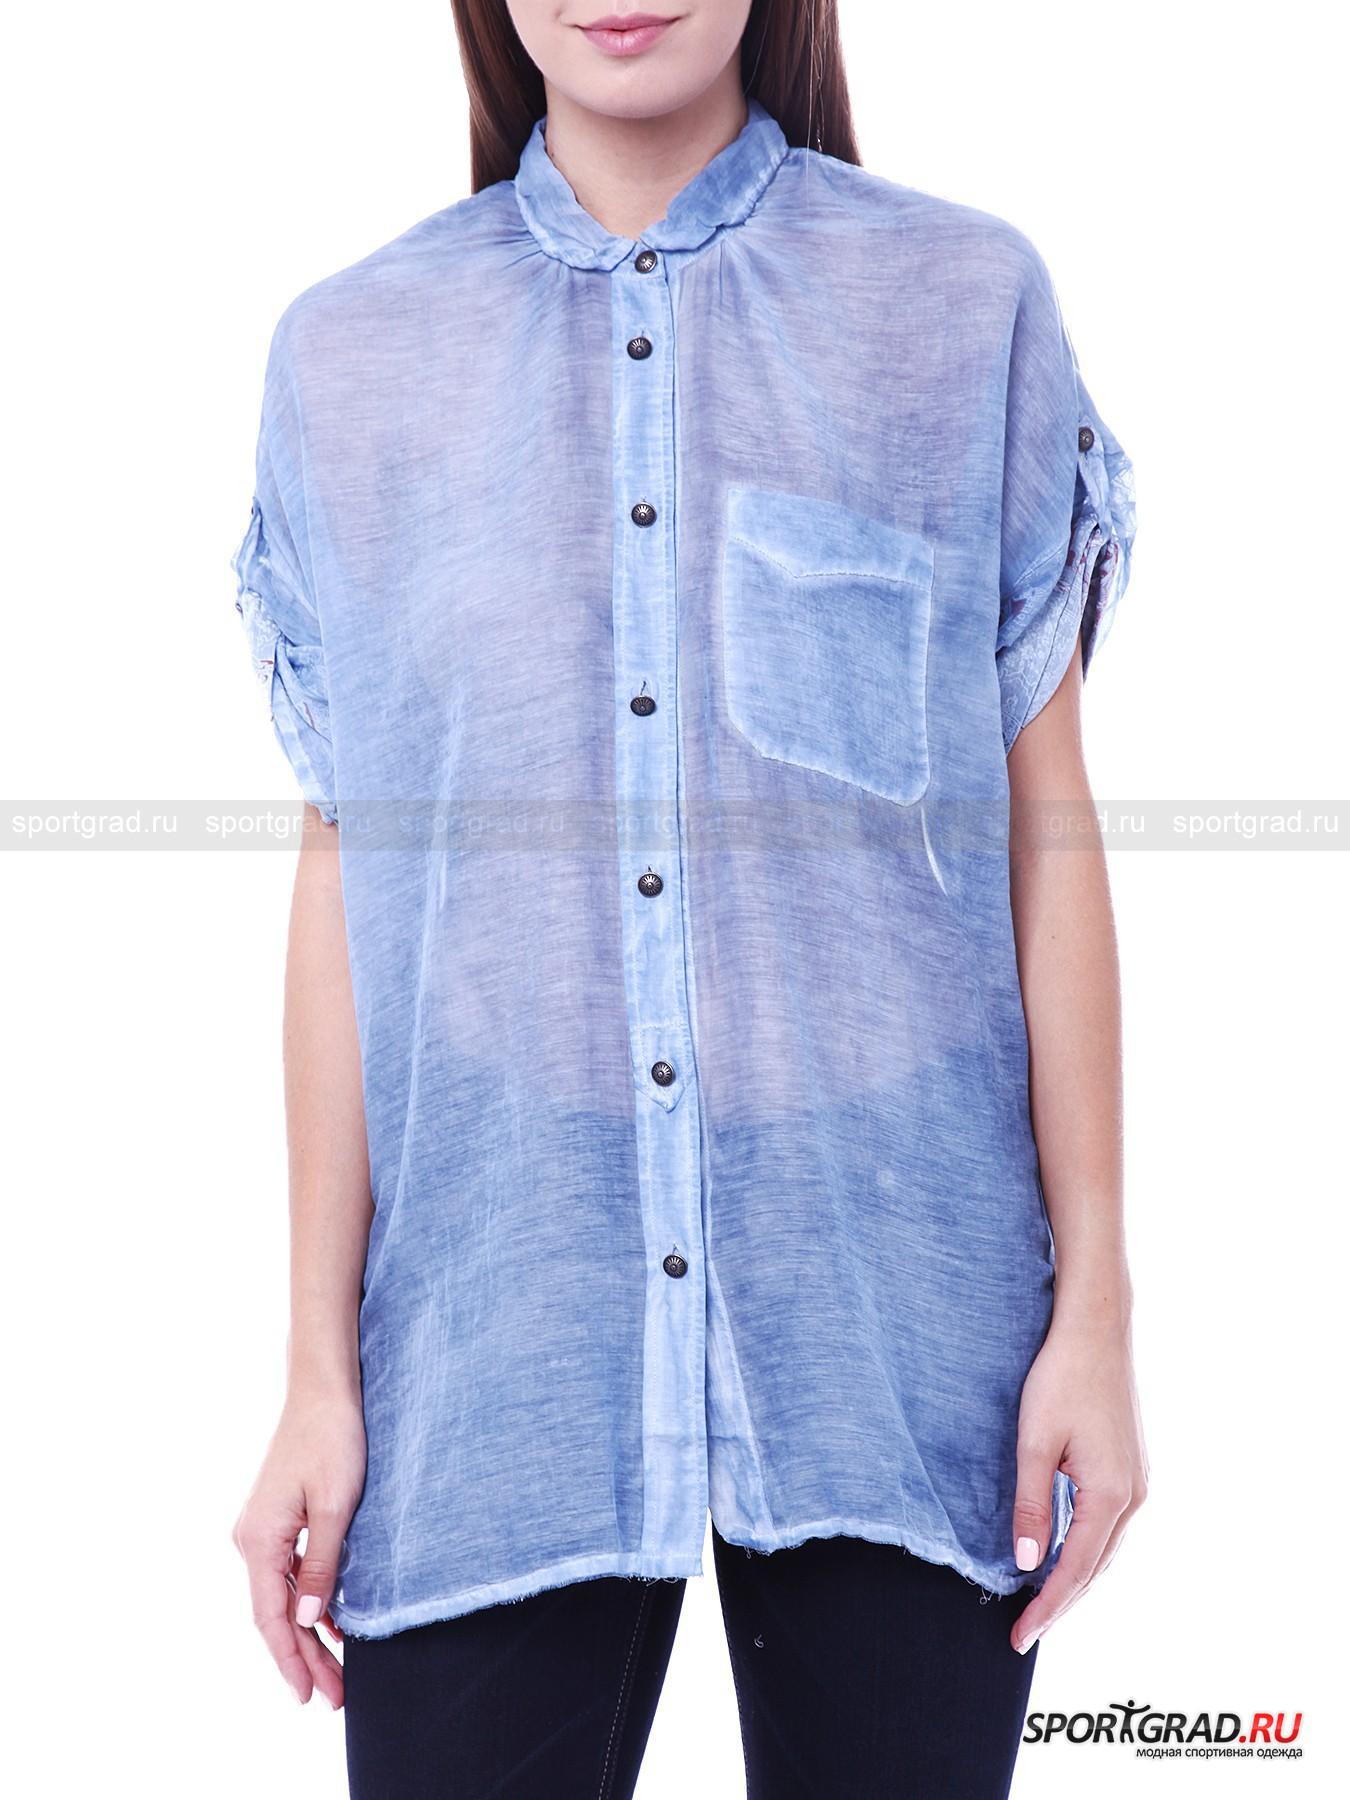 Рубашка женская прозрачная RUDE RIDERSФутболки<br>Нежно-голубая рубашка Rude Riders выполнена в соответствии с актуальными модными тенденциями, предписывающими носить полностью прозрачную одежду. Сейчас подобные вещи можно надевать прямо на тело, однако не каждая девушка решится на такое – на этот случай можно легко вписать рубашку в многослойный комплект.<br><br>Материал изготовления на треть состоит из шелка, он очень приятен на ощупь и выглядит просто потрясающе. Рубашка застегивается на пуговицы по всей длине (запасная пуговица прилагается) и снабжена кармашком на груди. Длина рукавов регулируется.<br><br>Пол: Женский<br>Возраст: Взрослый<br>Тип: Футболки<br>Рекомендации по уходу: стирка в теплой воде до 30 С; не отбеливать; гладить слегка нагретым утюгом (температура до 110 C); разрешена сухая химическая чистка; нельзя выжимать и сушить в стиральной машине<br>Состав: 70% хлопок, 30% шелк